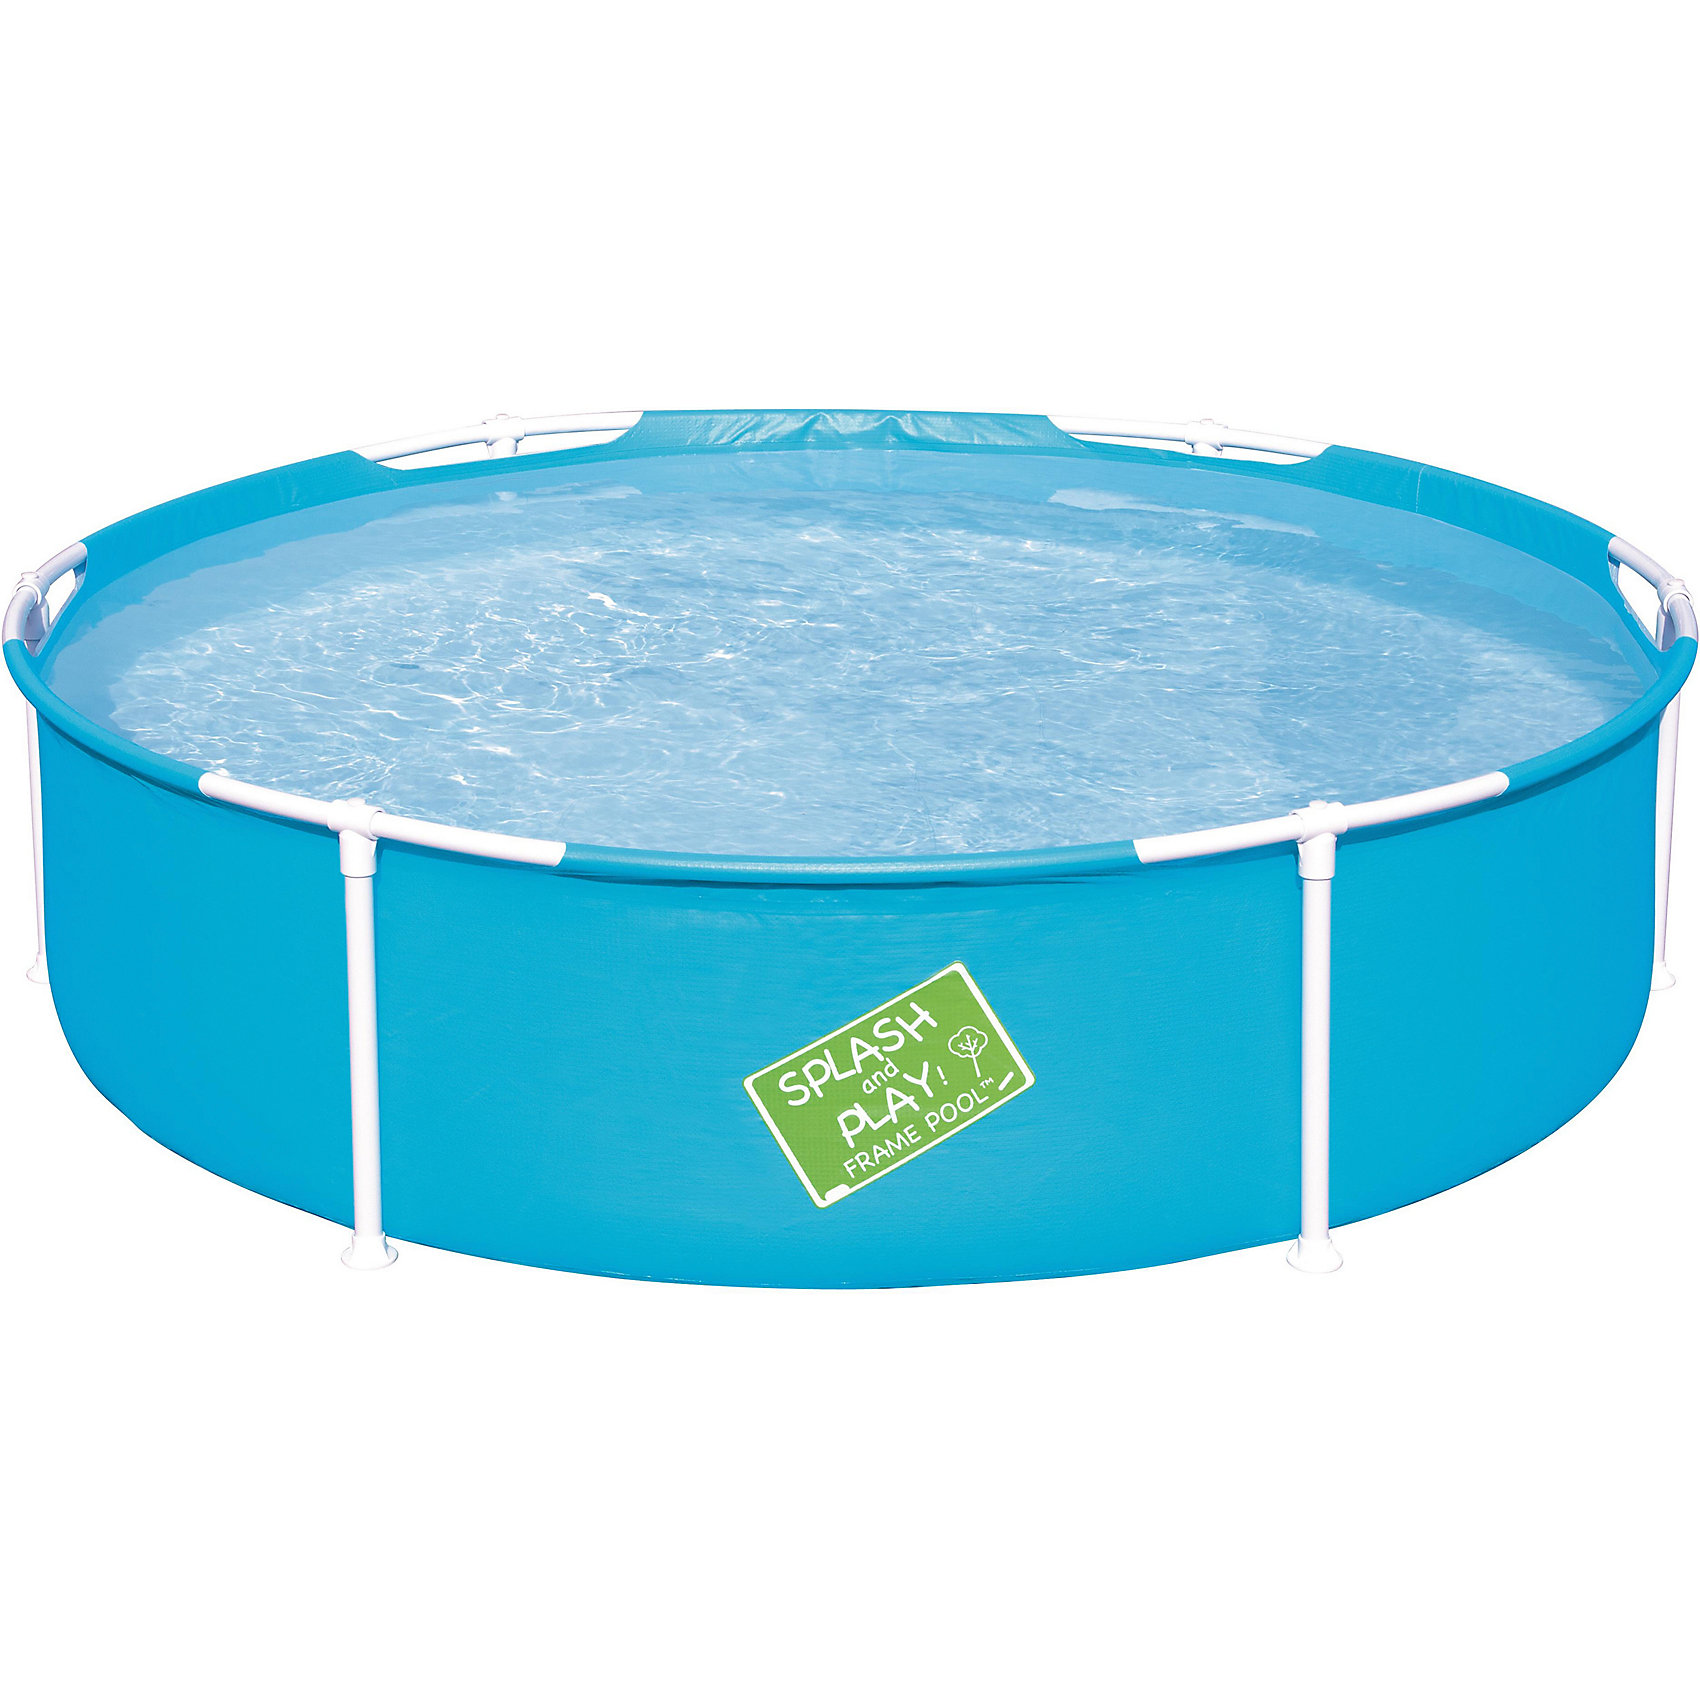 Bestway Детский каркасный бассейн 580л, Bestway бассейн bestway 457х107см бв57127